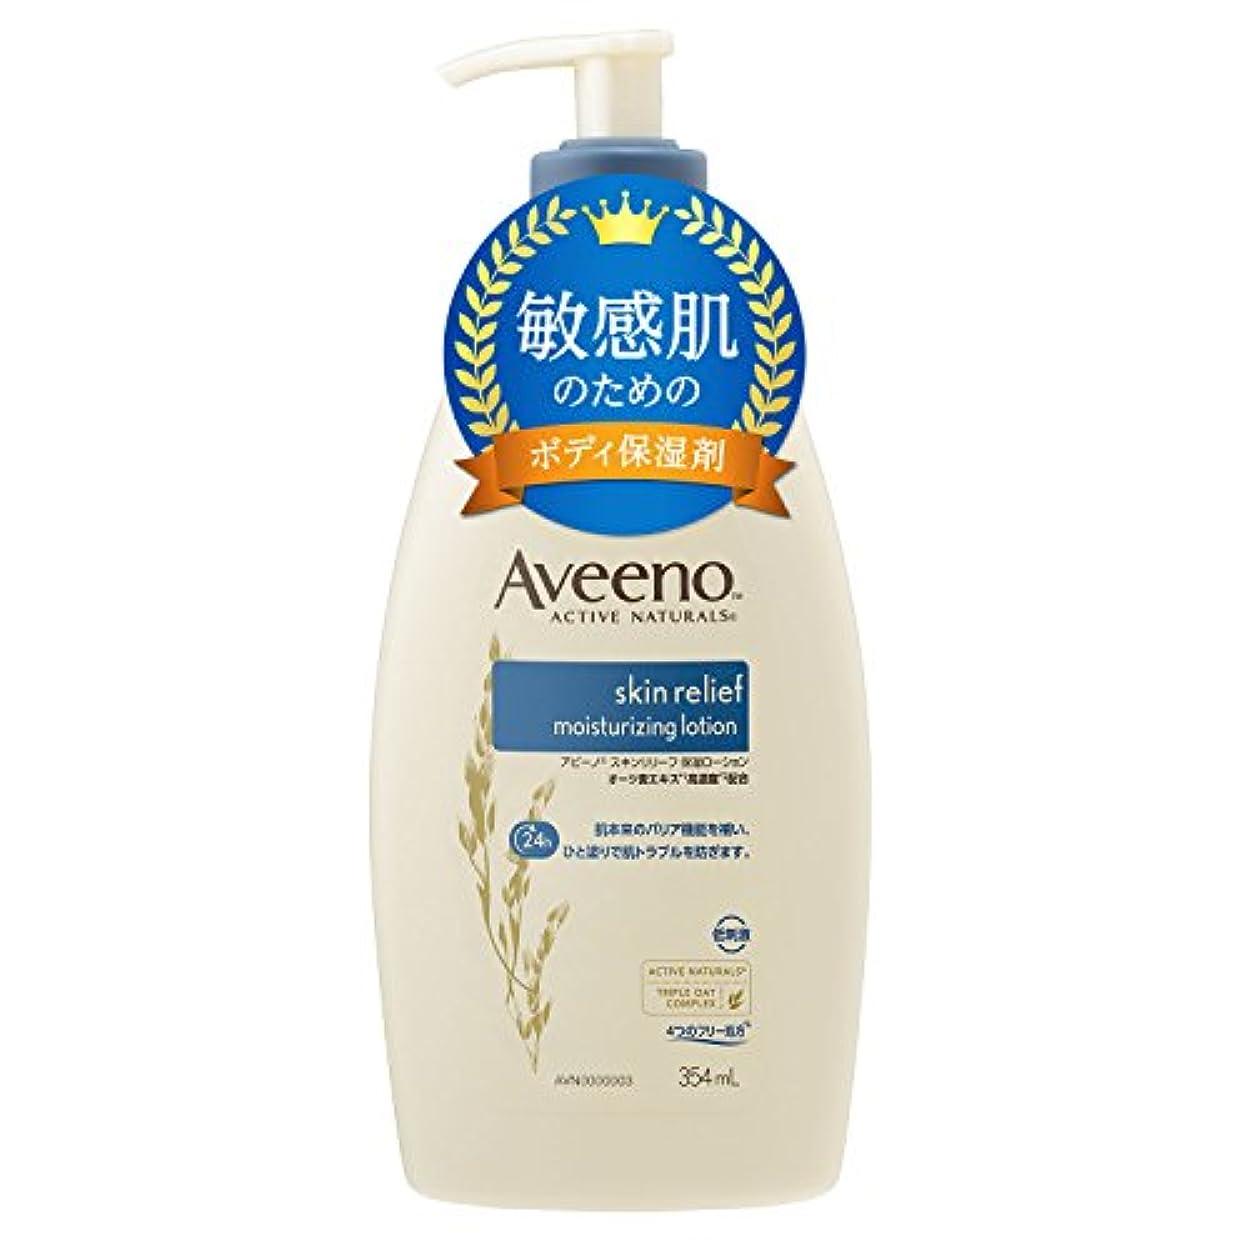 ドライバ同情記念碑【Amazon.co.jp限定】Aveeno(アビーノ) スキンリリーフ 保湿ローション 354ml 【極度の乾燥肌、敏感肌の方向け】